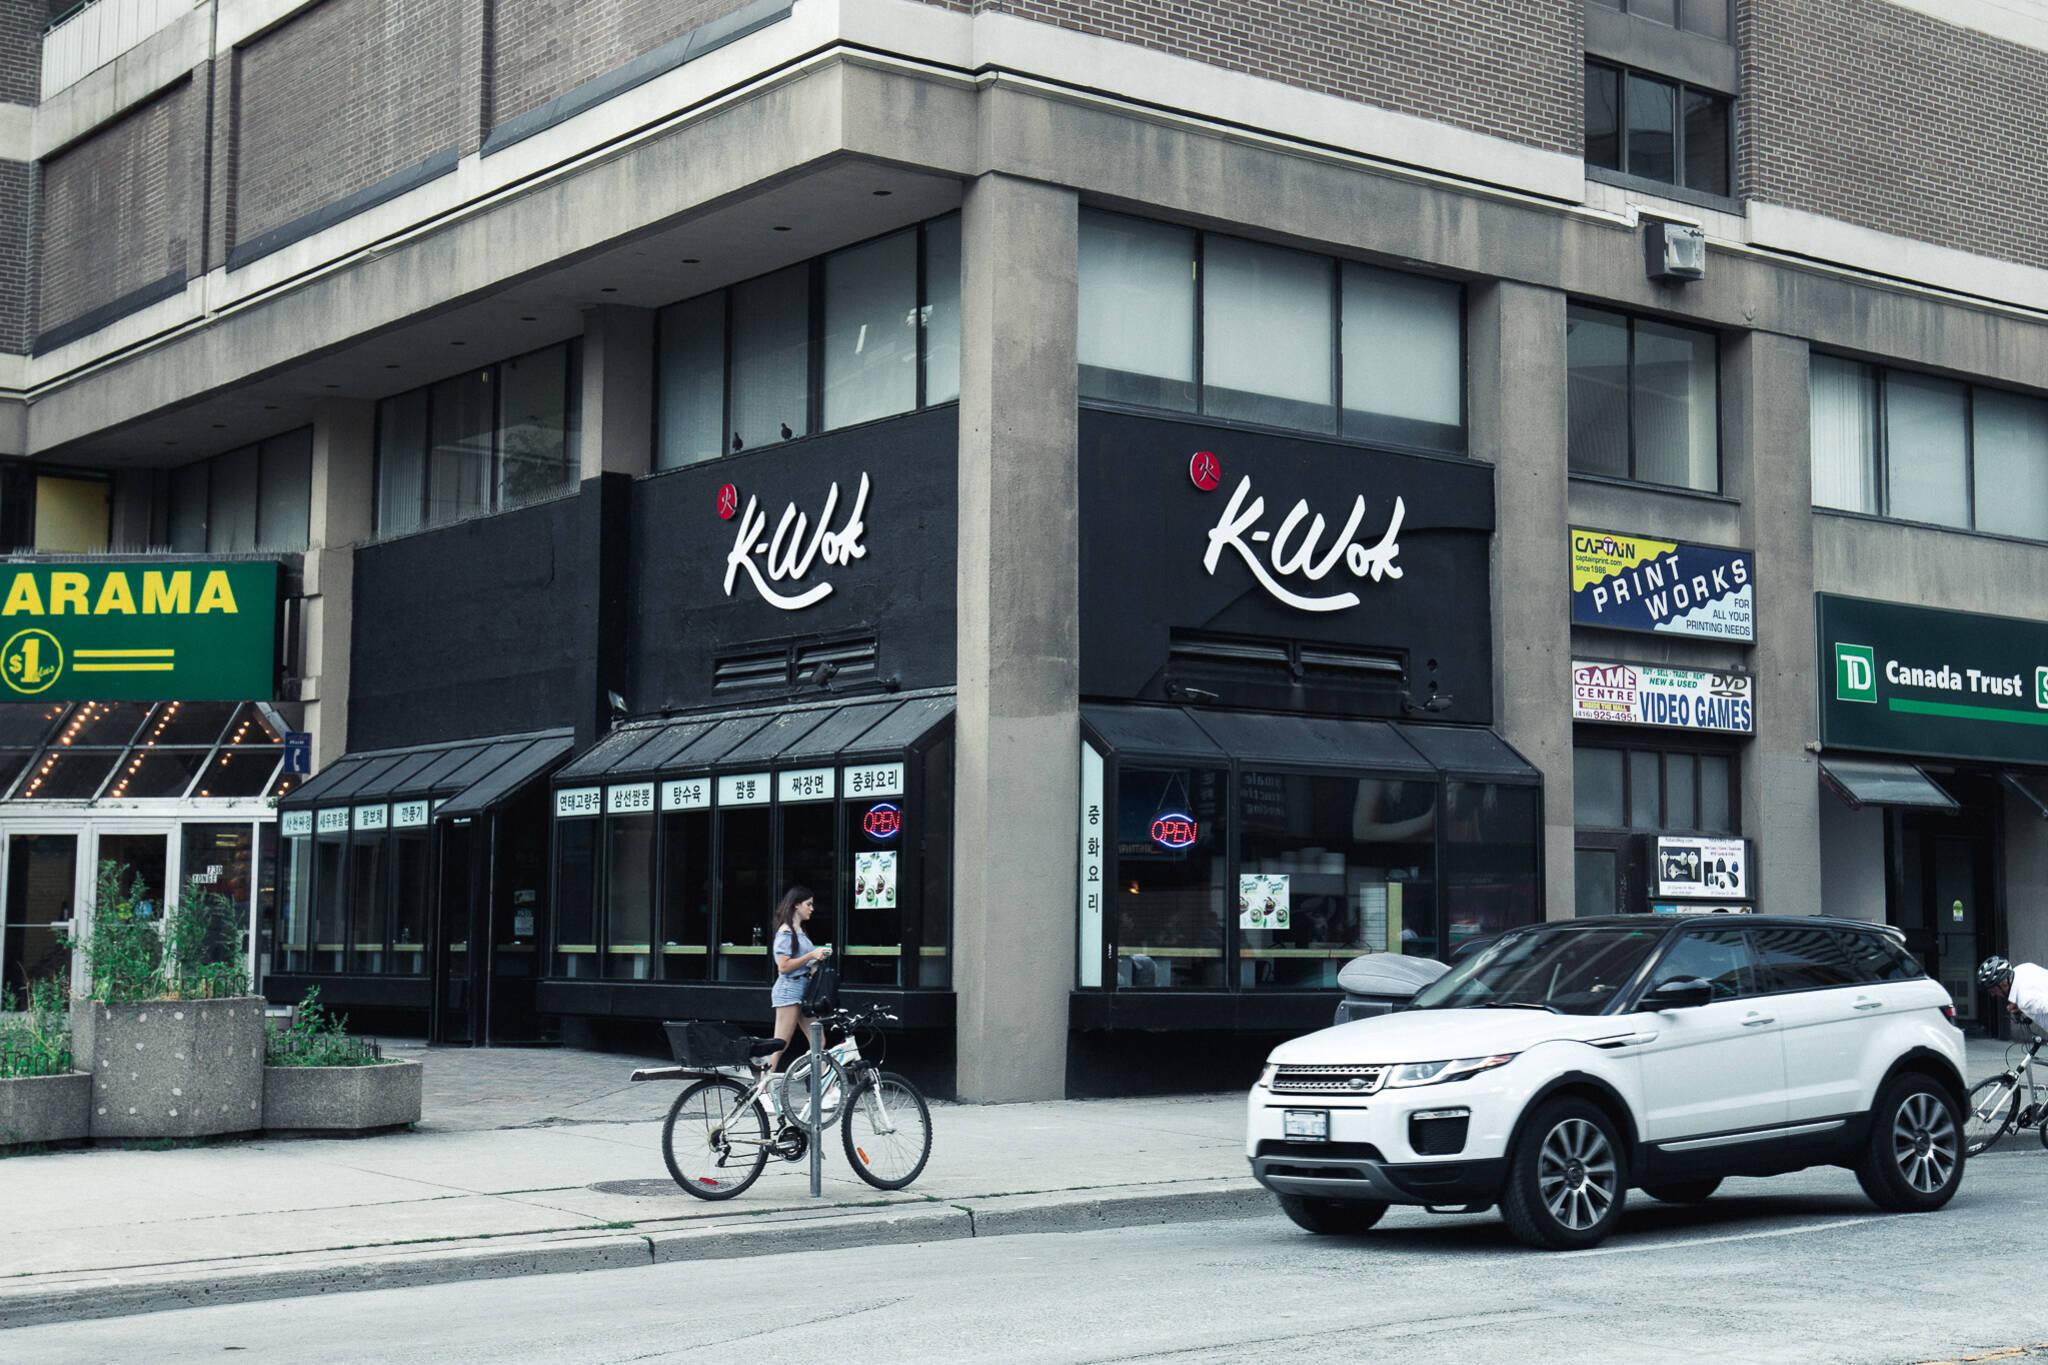 K-Wok Toronto